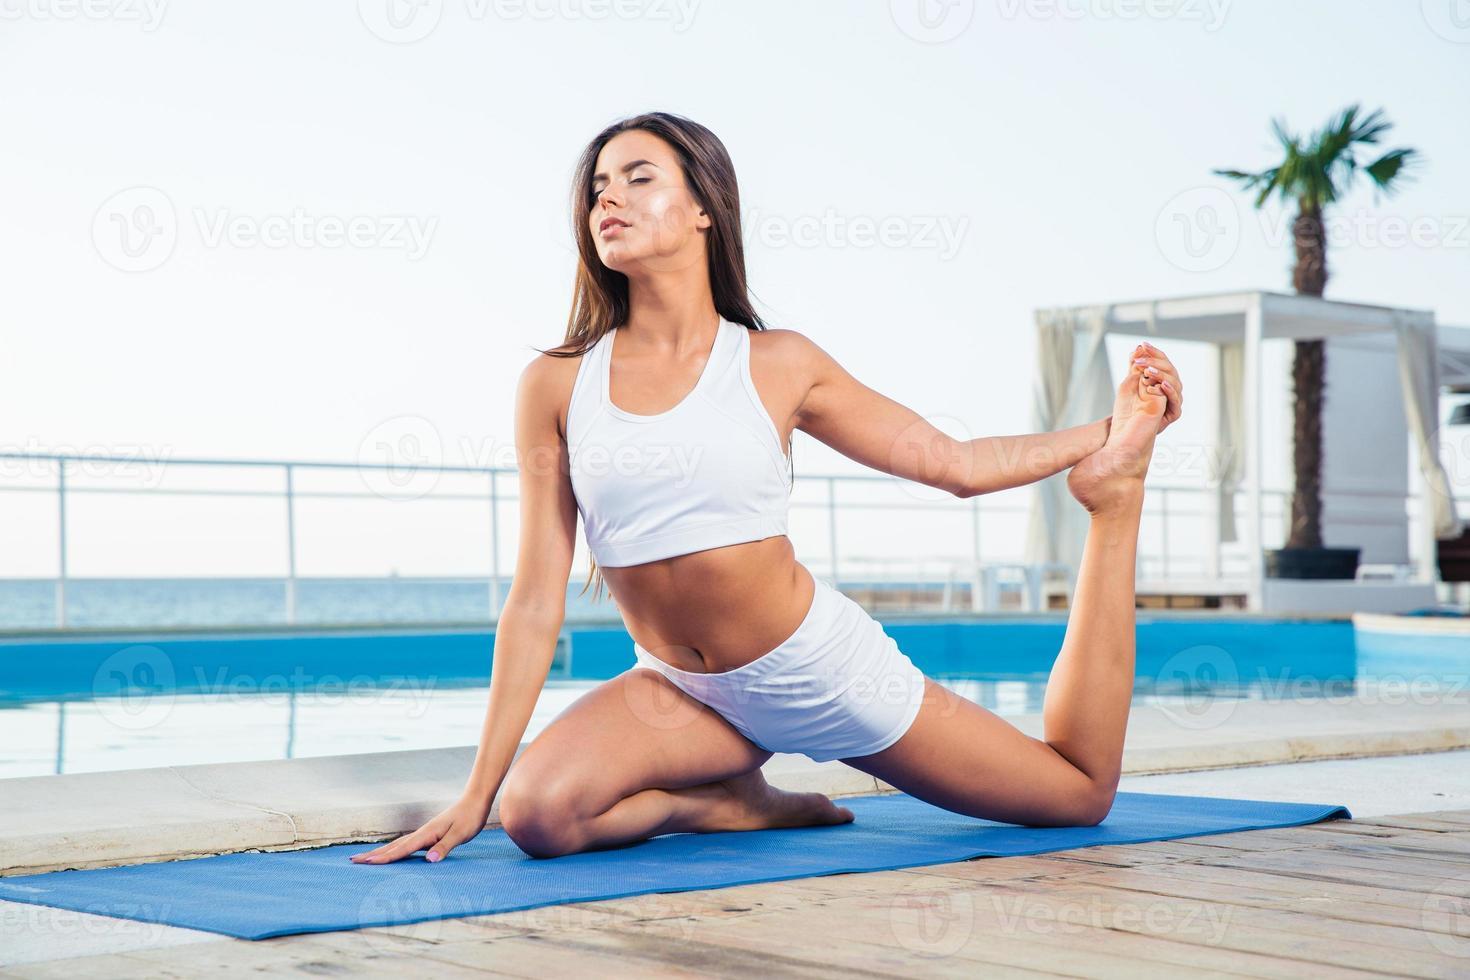 donna che fa esercizi di yoga all'aperto foto